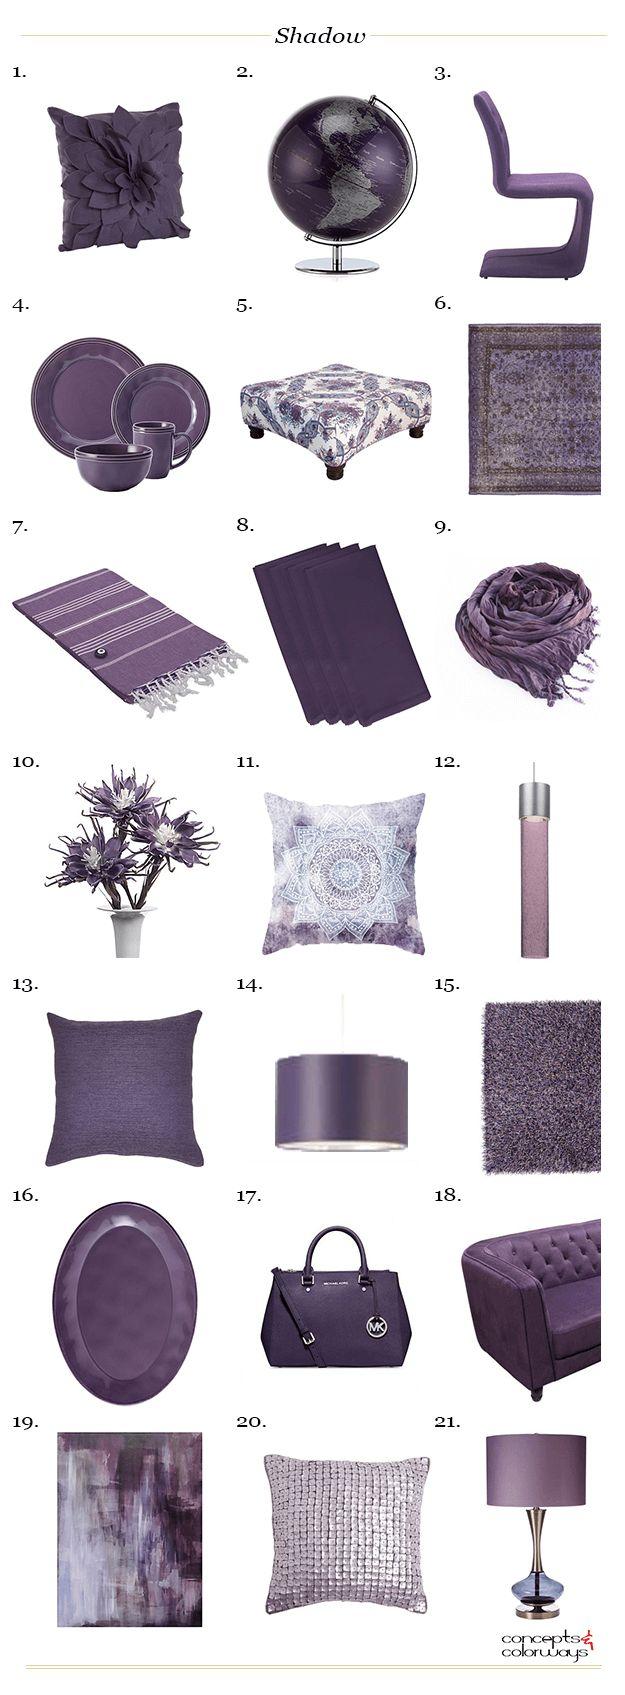 benjamin moore shadow, product roundup, 2017 color trends, dark purple, dark plum